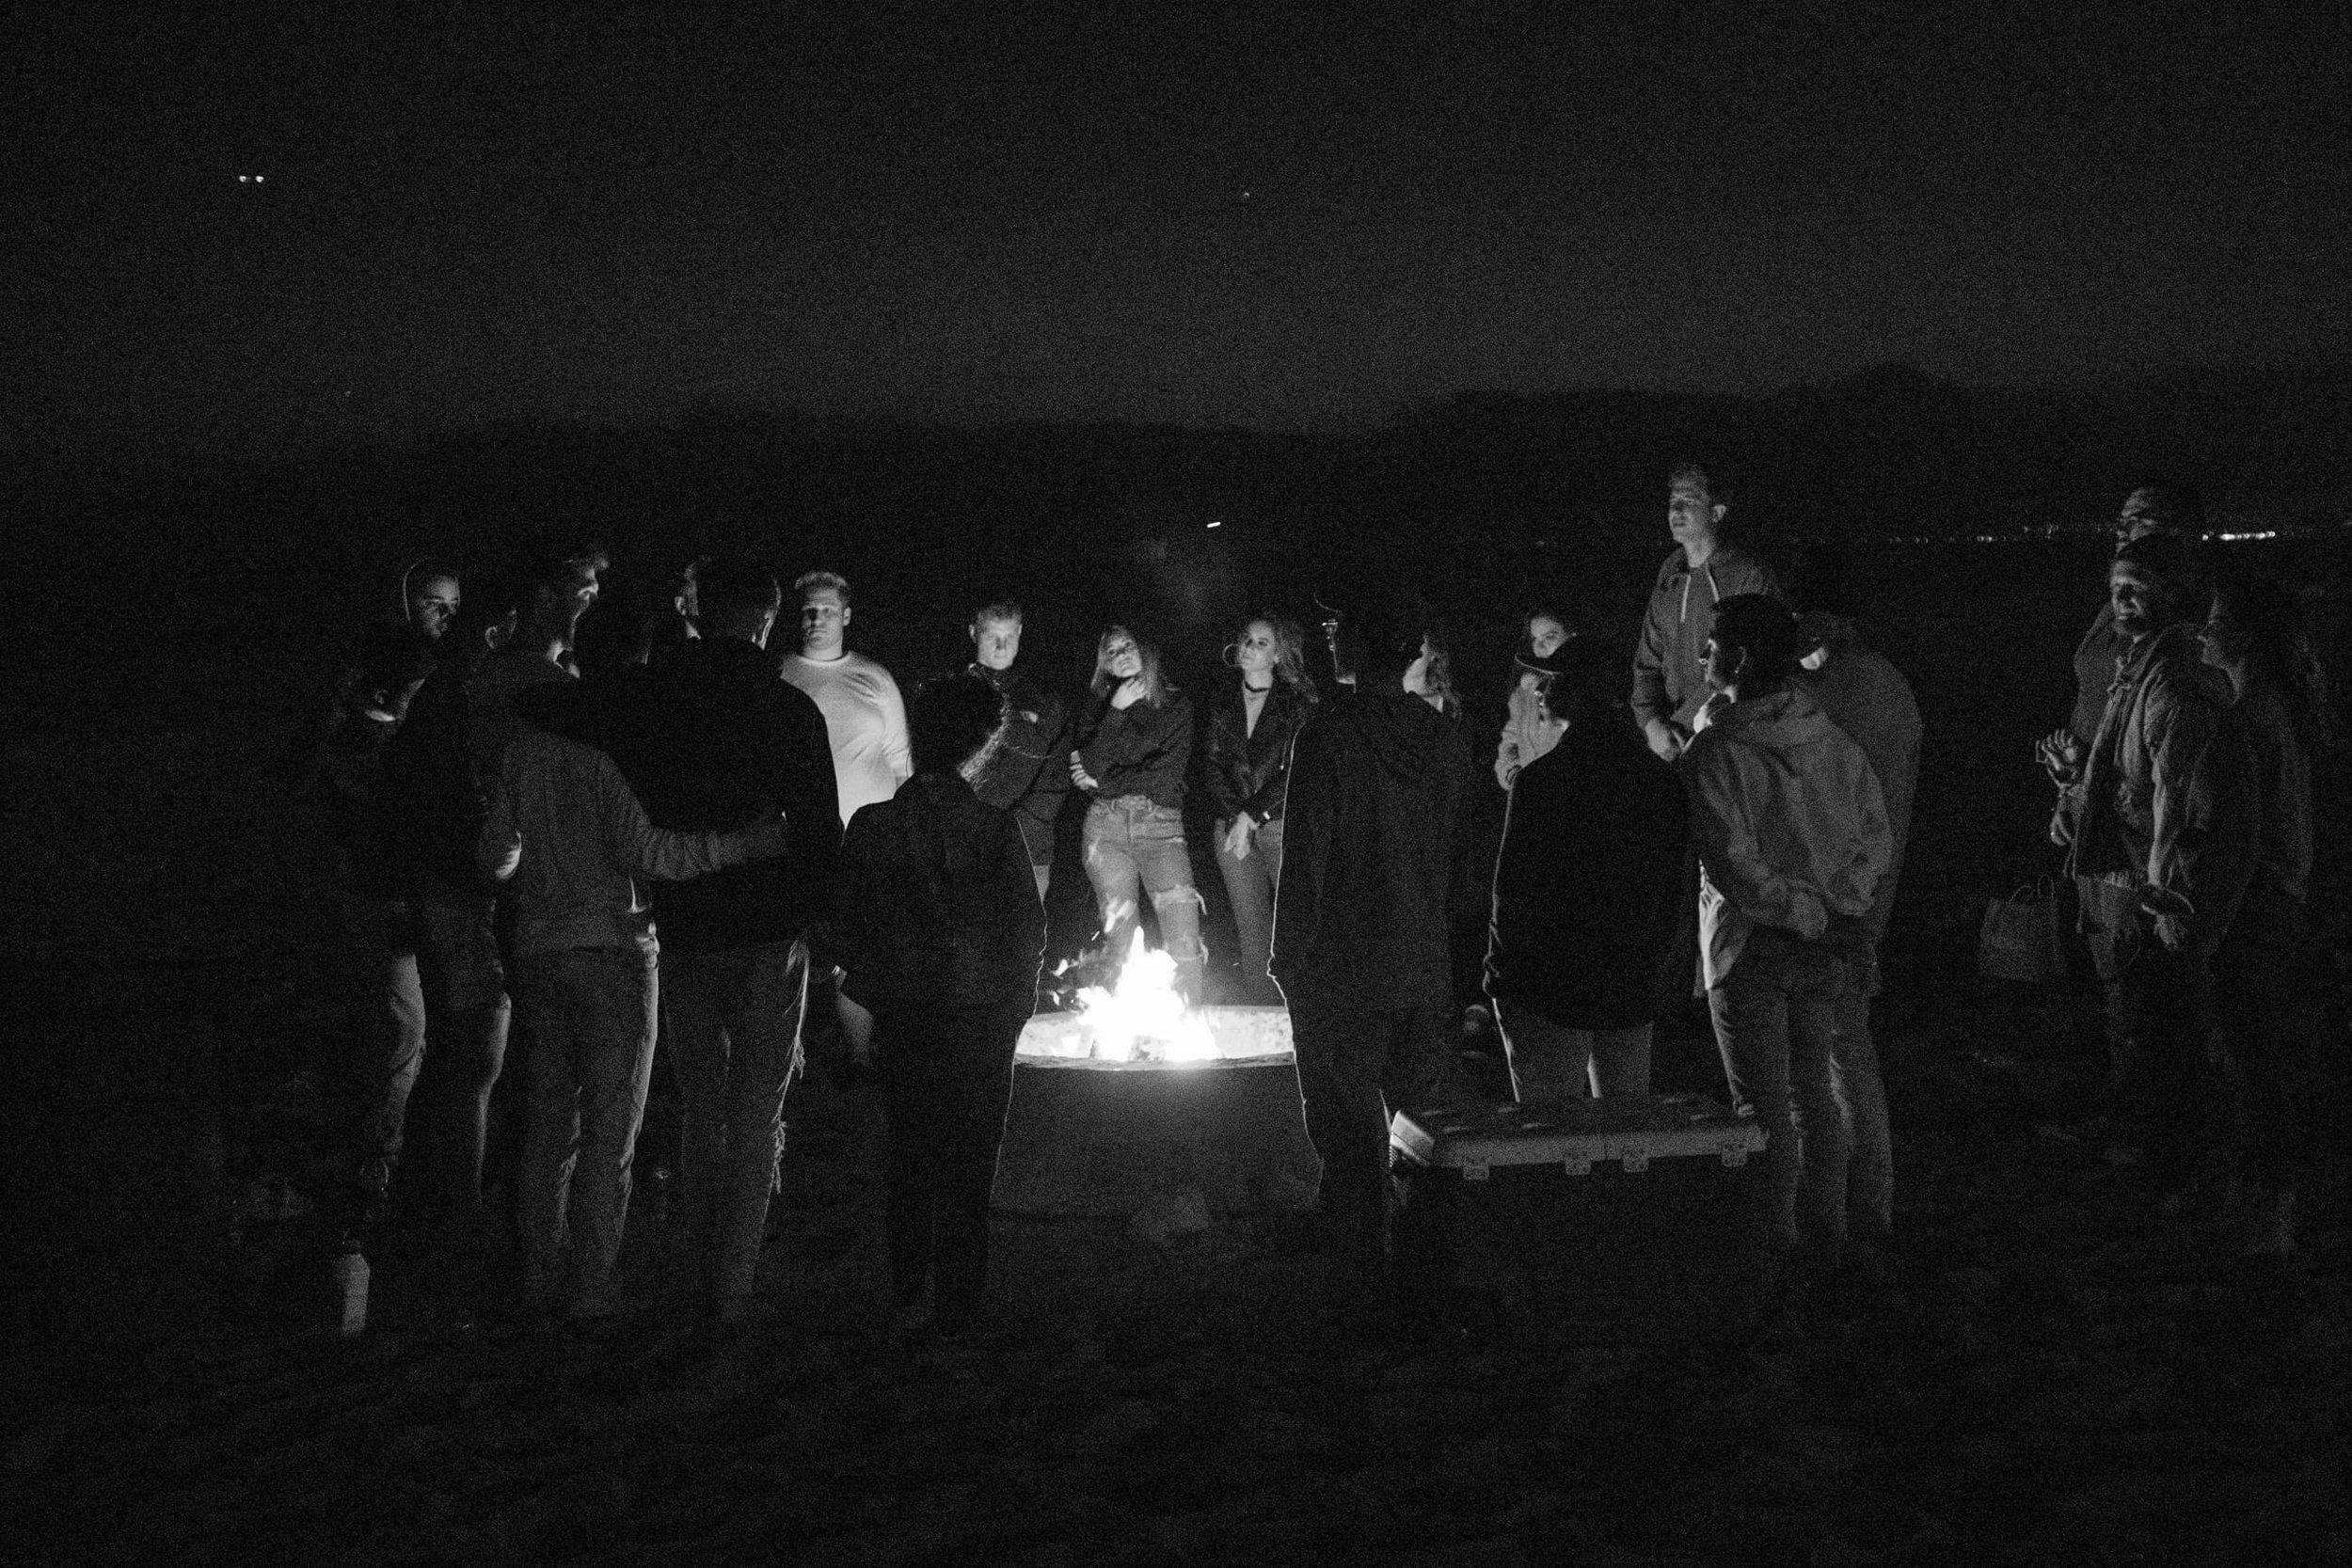 180511 - LA Bonfire - _MG_5199.jpg